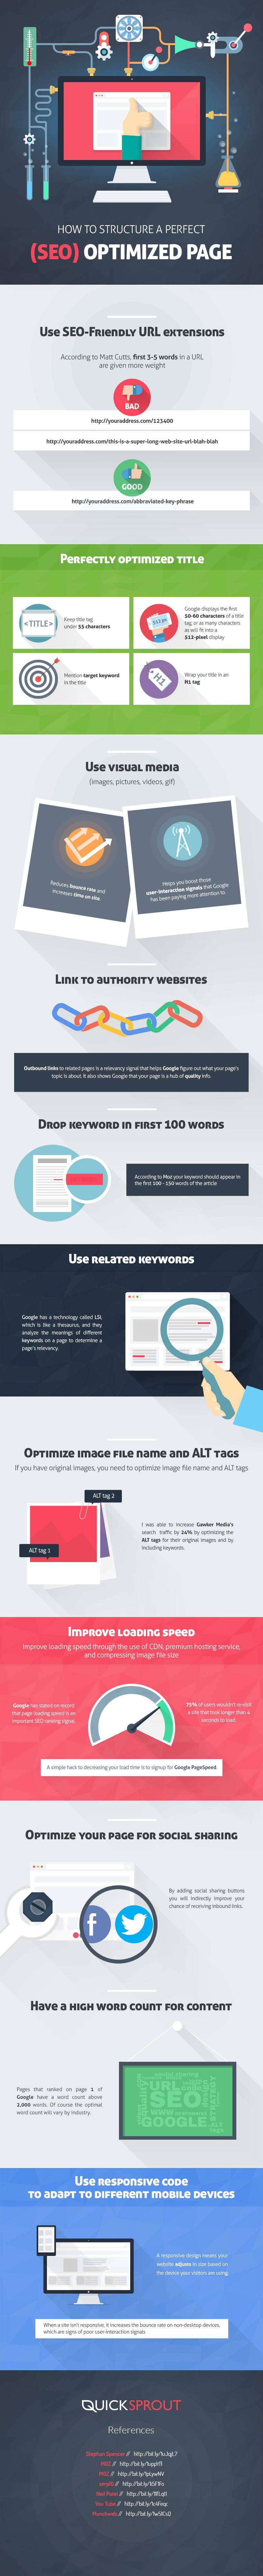 infographie_SEO_11_conseils-d-optimisation